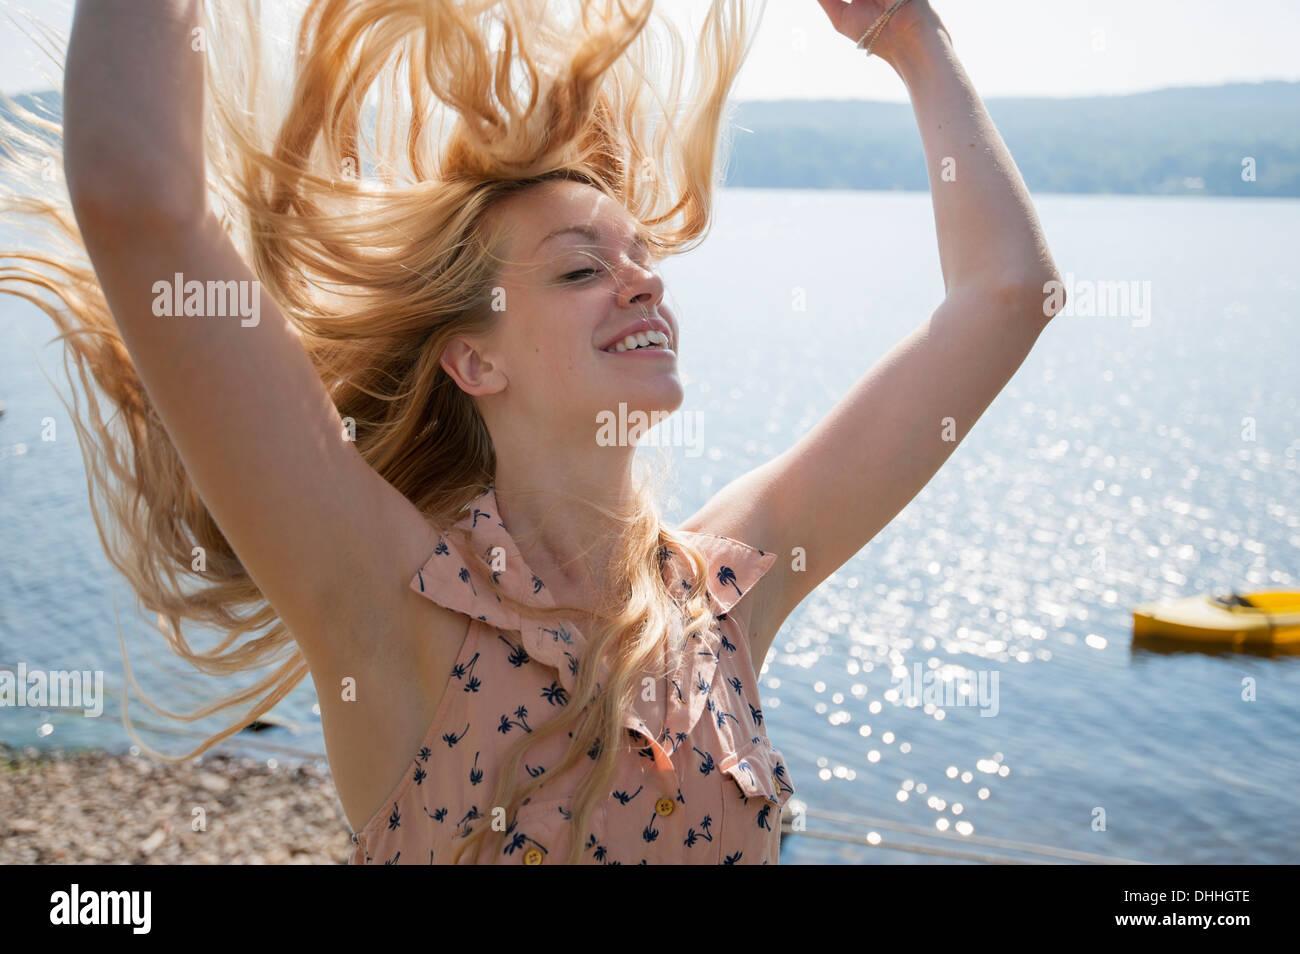 Portrait de jeune femme avec de longs cheveux blonds et bras levés Photo Stock